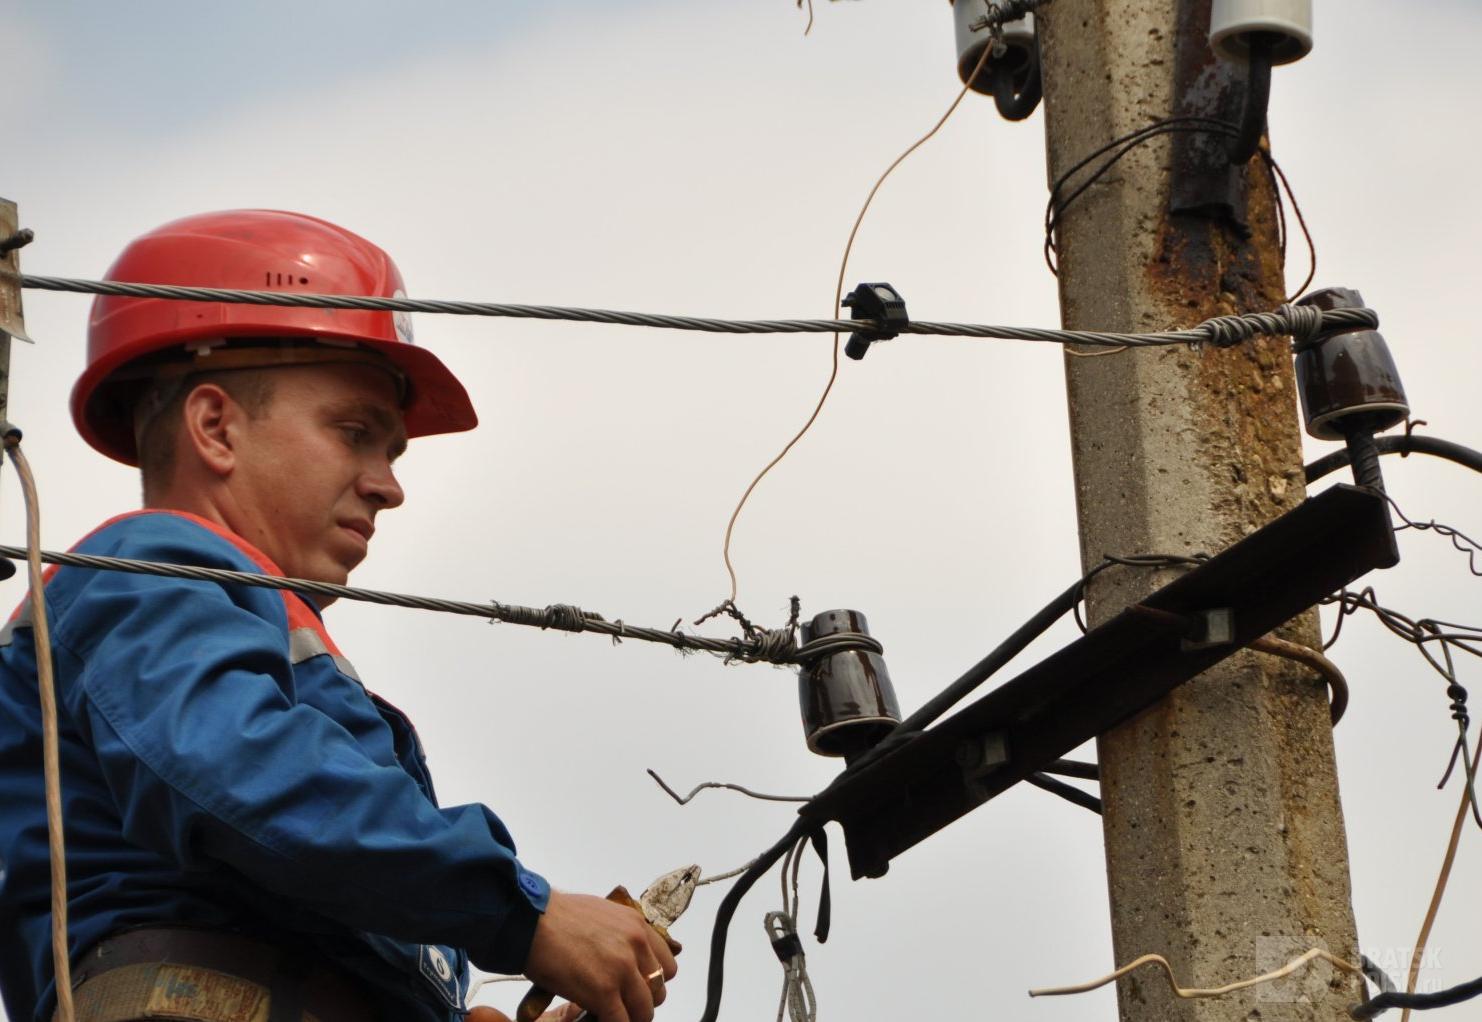 В Иркутской области выявлено 432 случая хищения электроэнергии